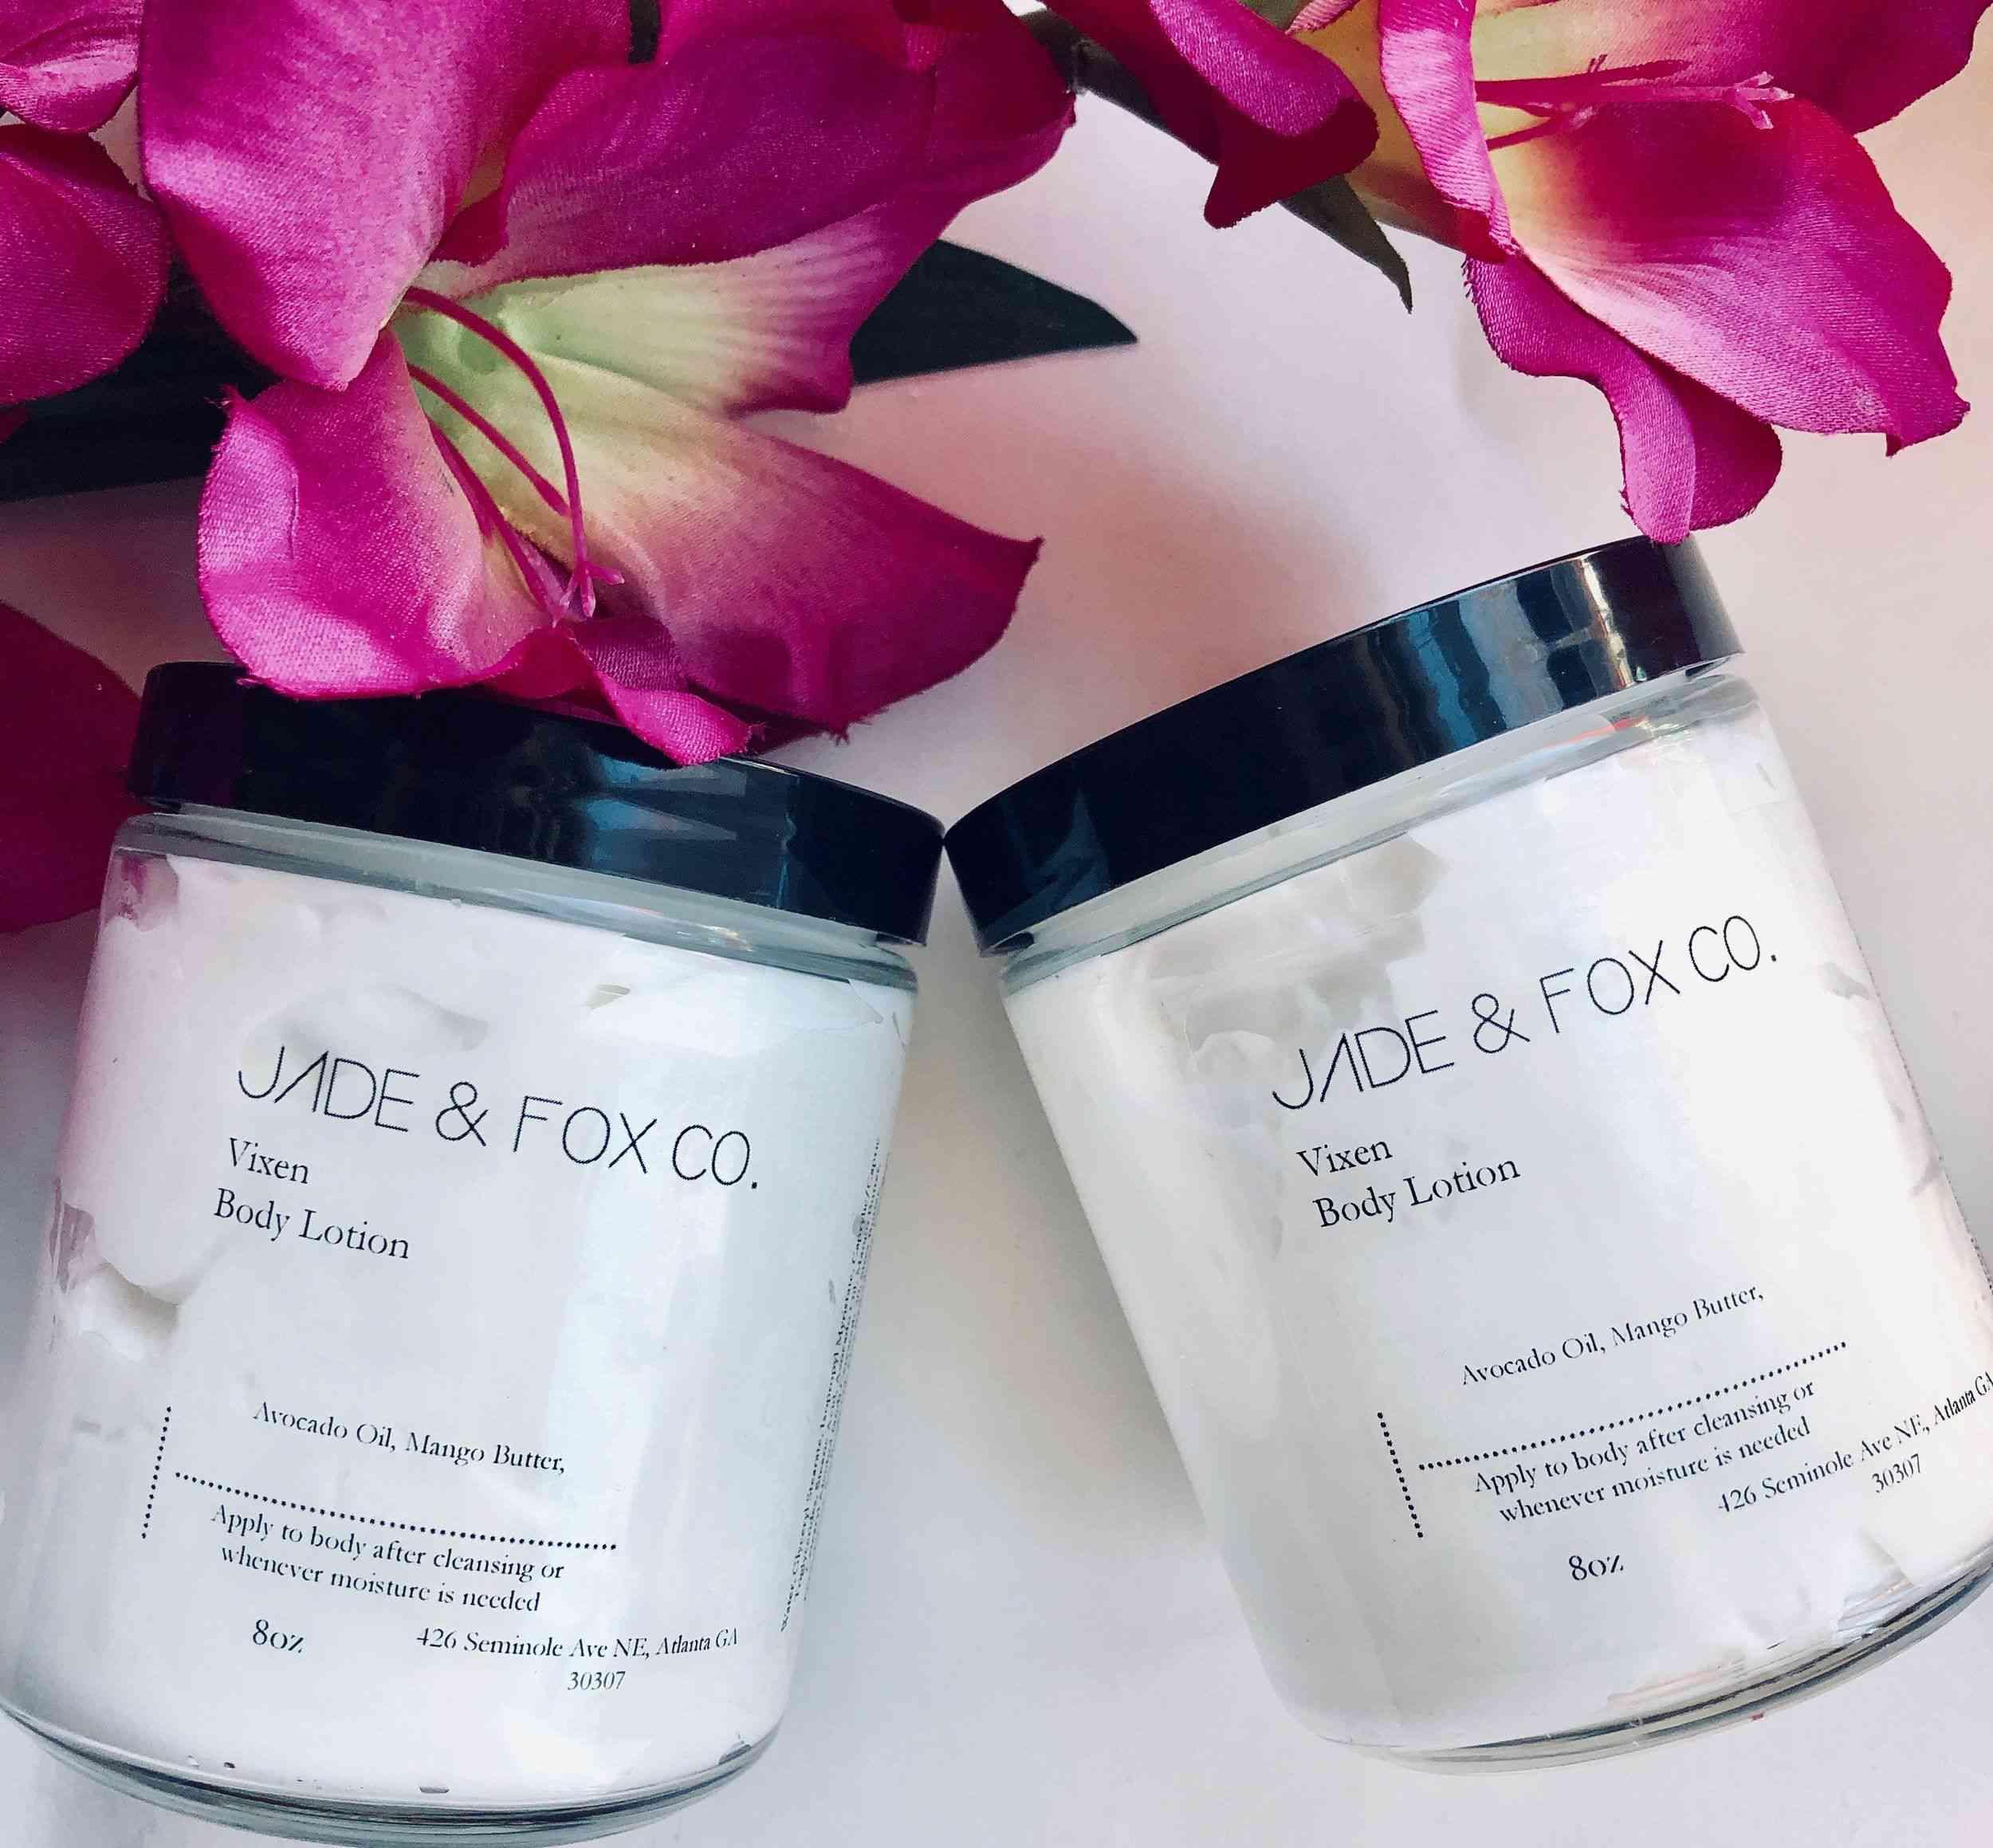 Jade & Fox Co. Vixen Body Lotion